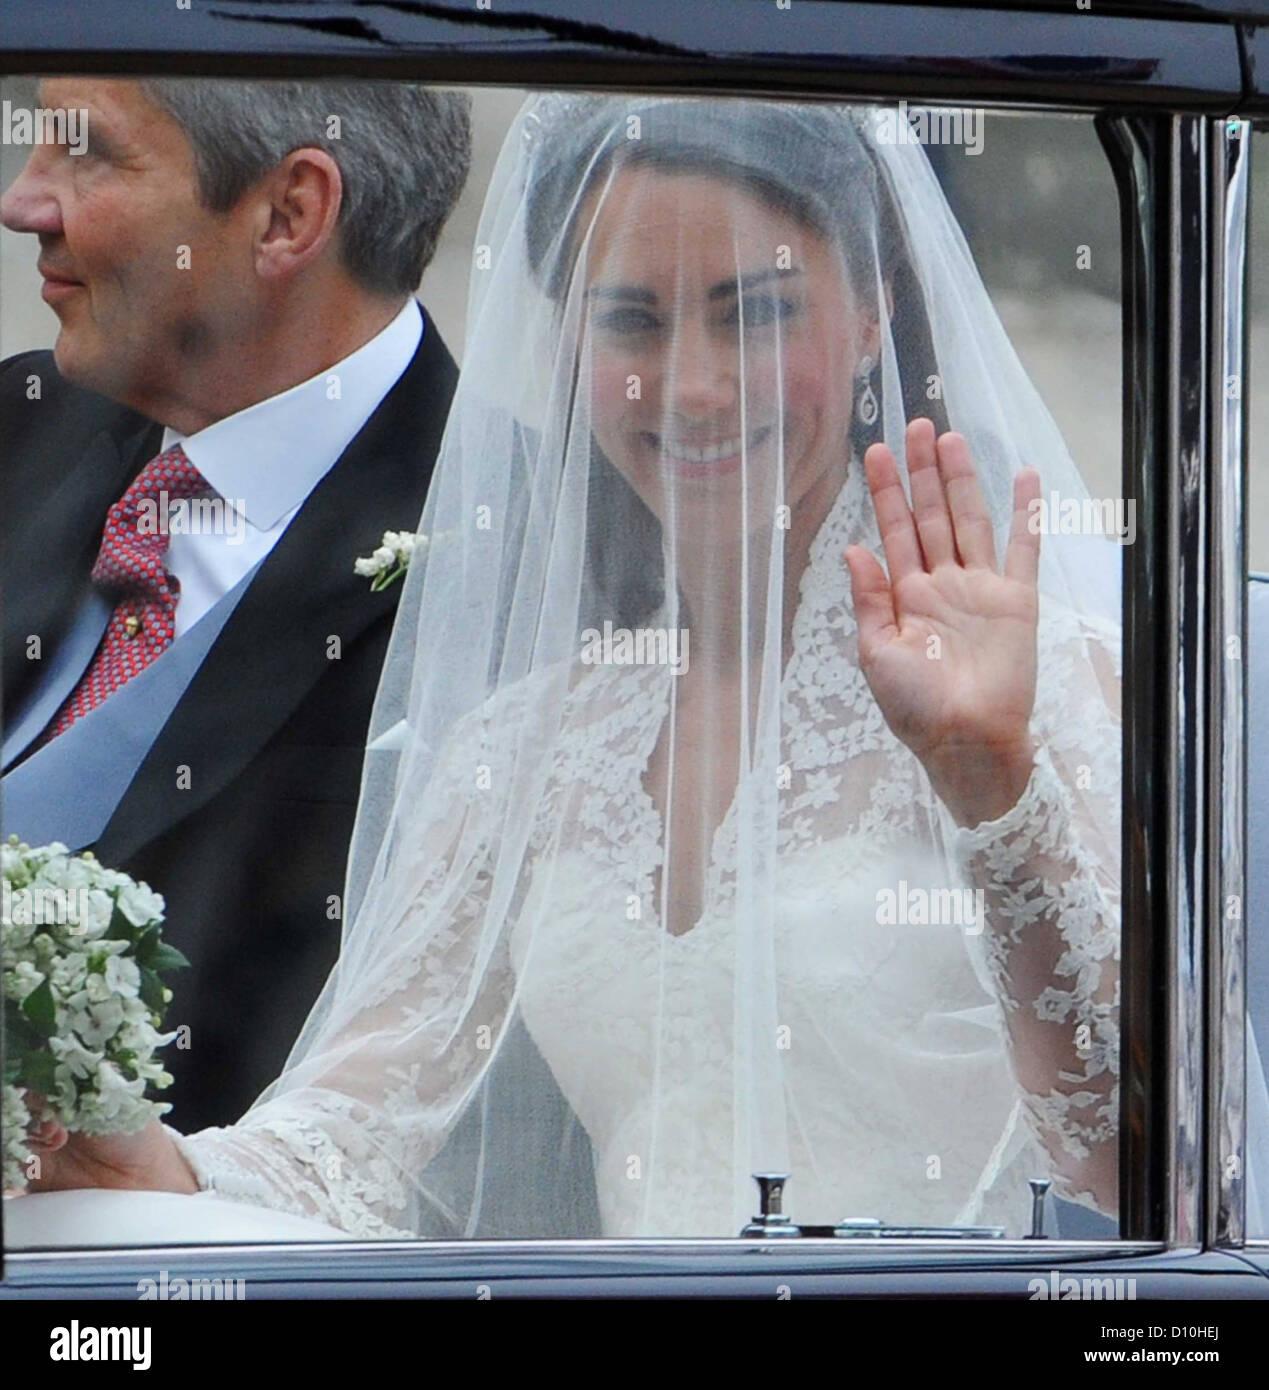 Kate Middleton Stock Photos & Kate Middleton Stock Images - Alamy